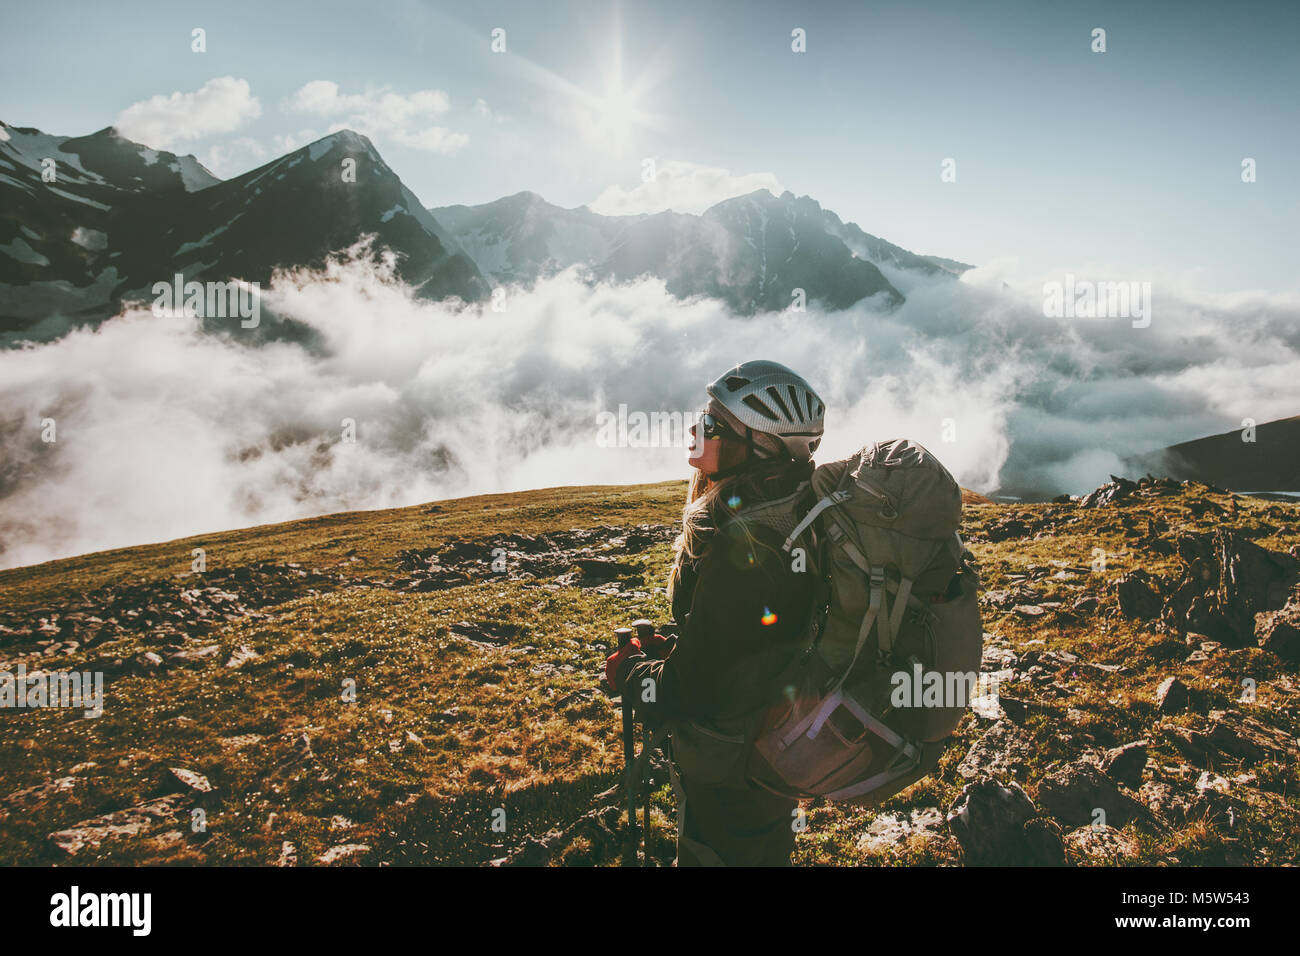 Backpacker donna osservando le montagne paesaggio nuvole Travel uno stile di vita sano adventure concept active Immagini Stock